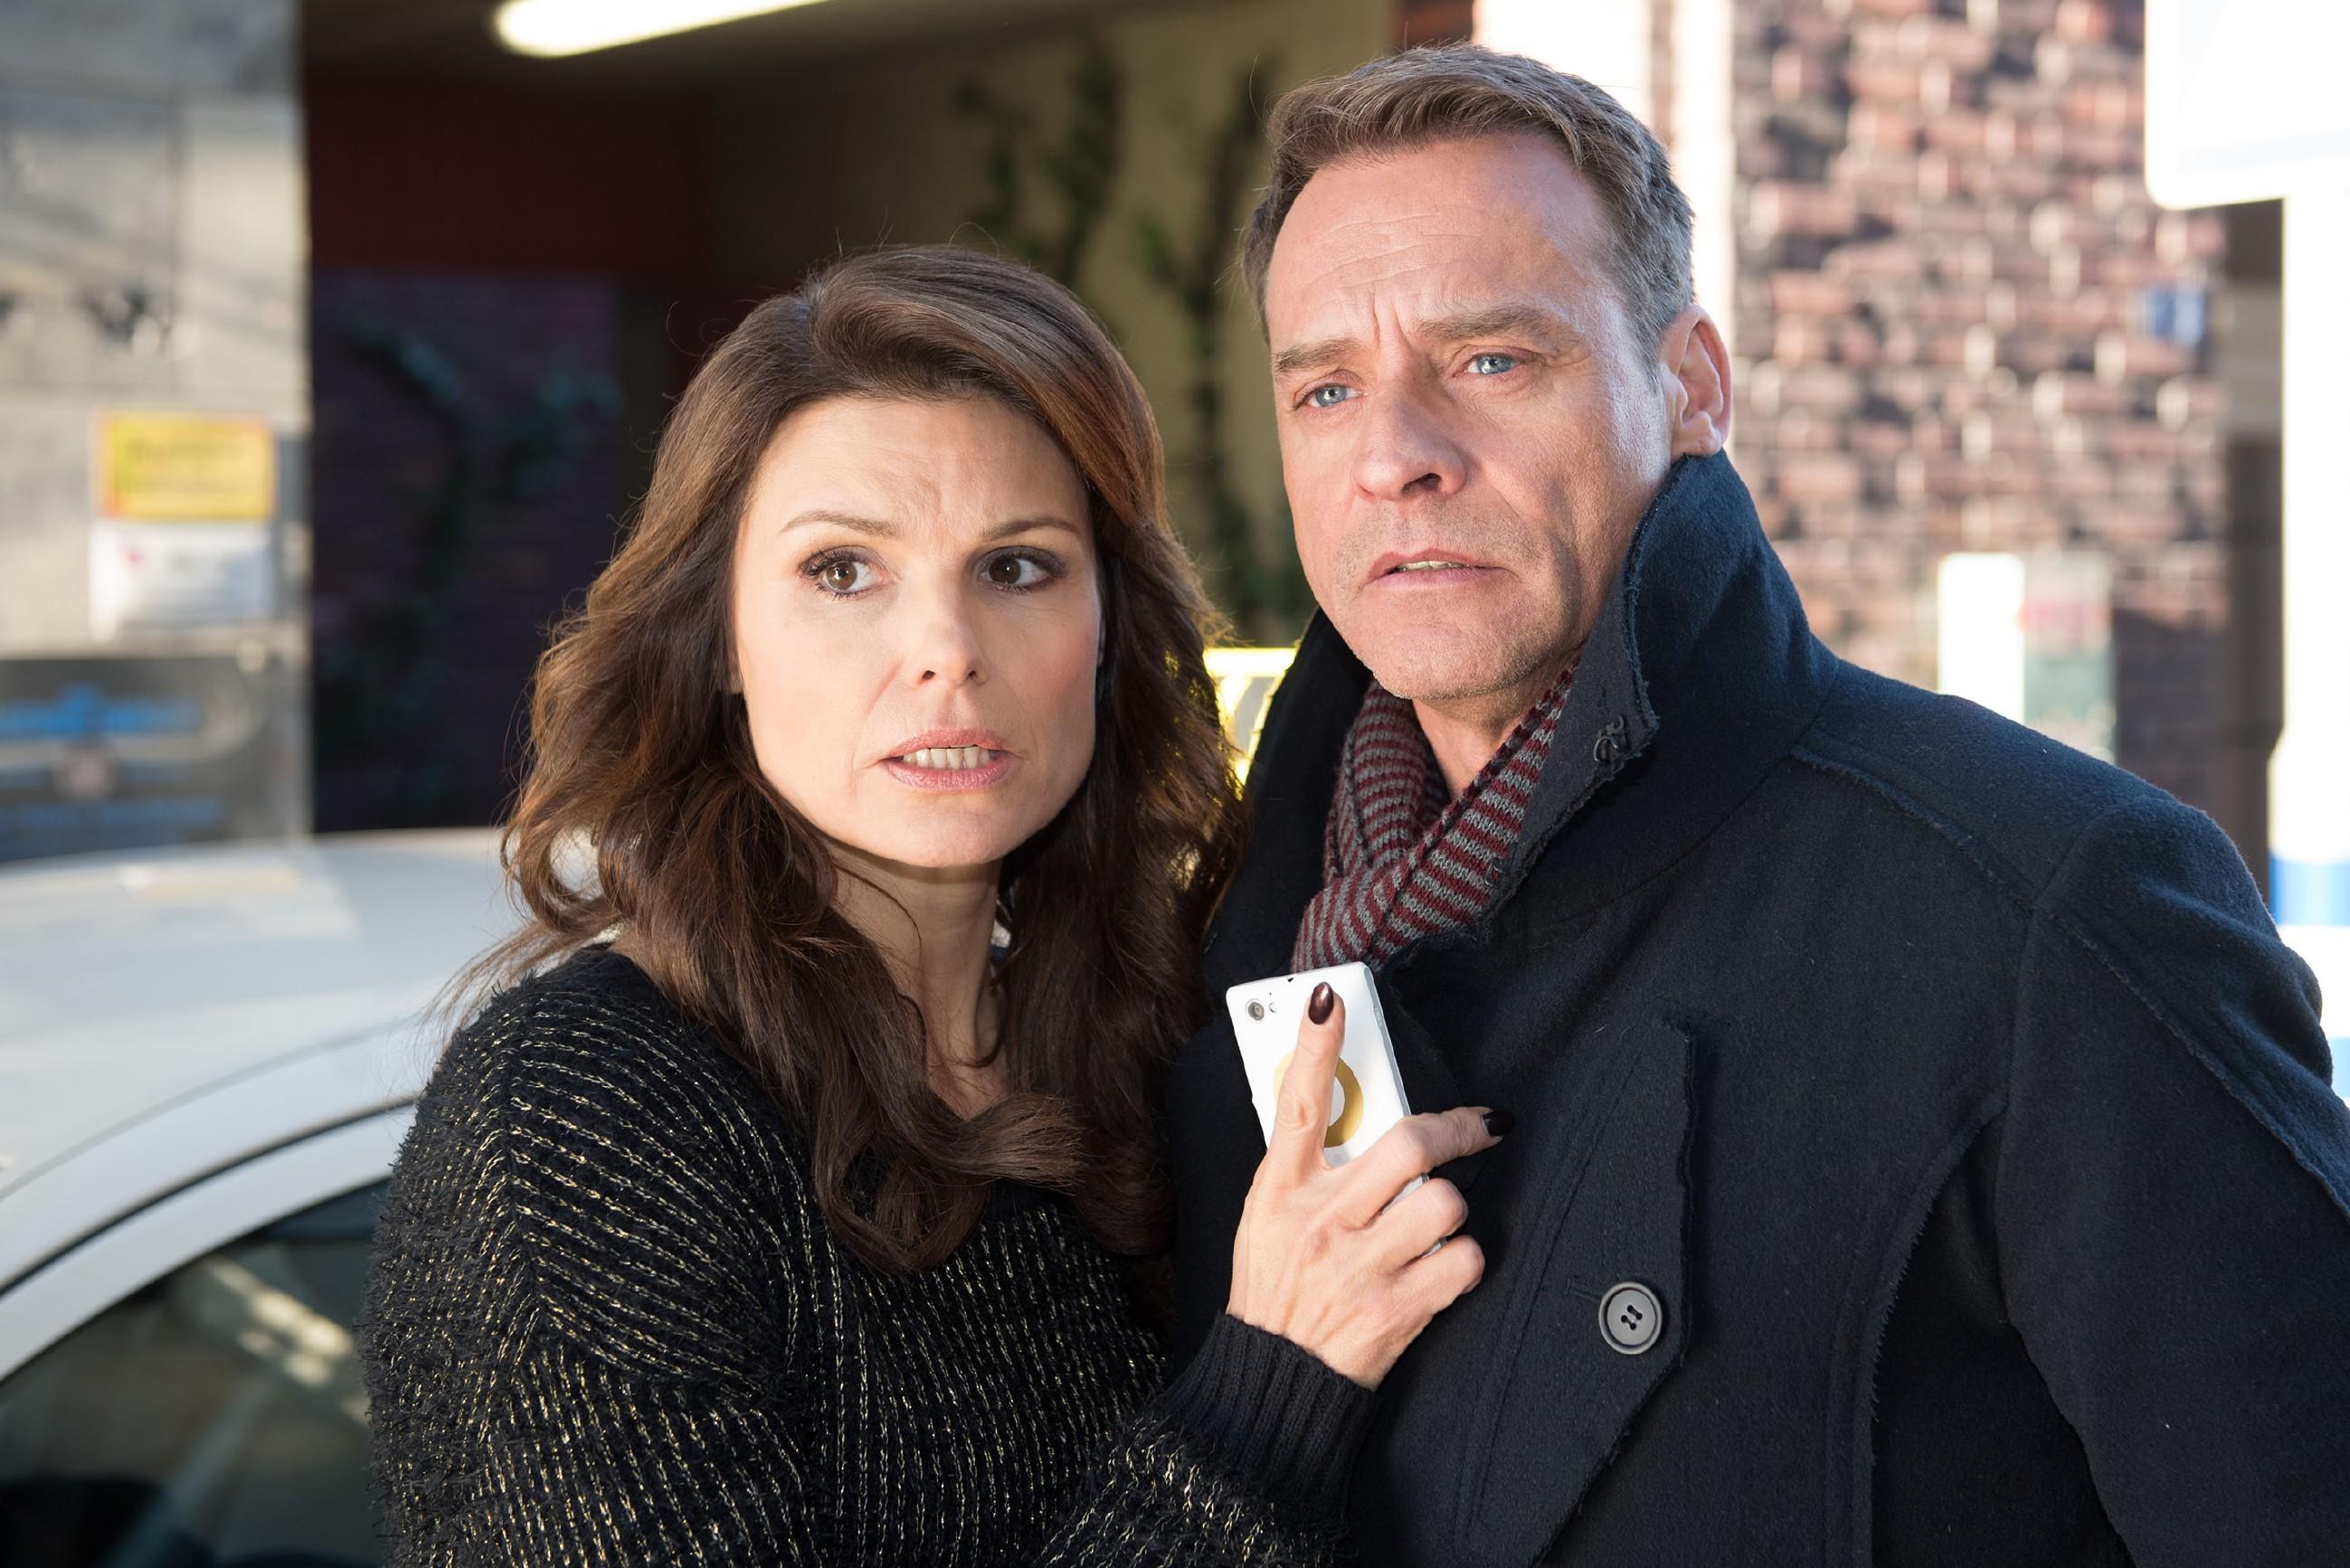 Als erneut die Polizei auftaucht, gerät Britta (Tabea Heynig) unter Zugzwang und haut Rufus (Kai Noll) die Wahrheit, dass er Caro angefahren hat, förmlich um die Ohren. (Quelle: RTL / Stefan Behrens)